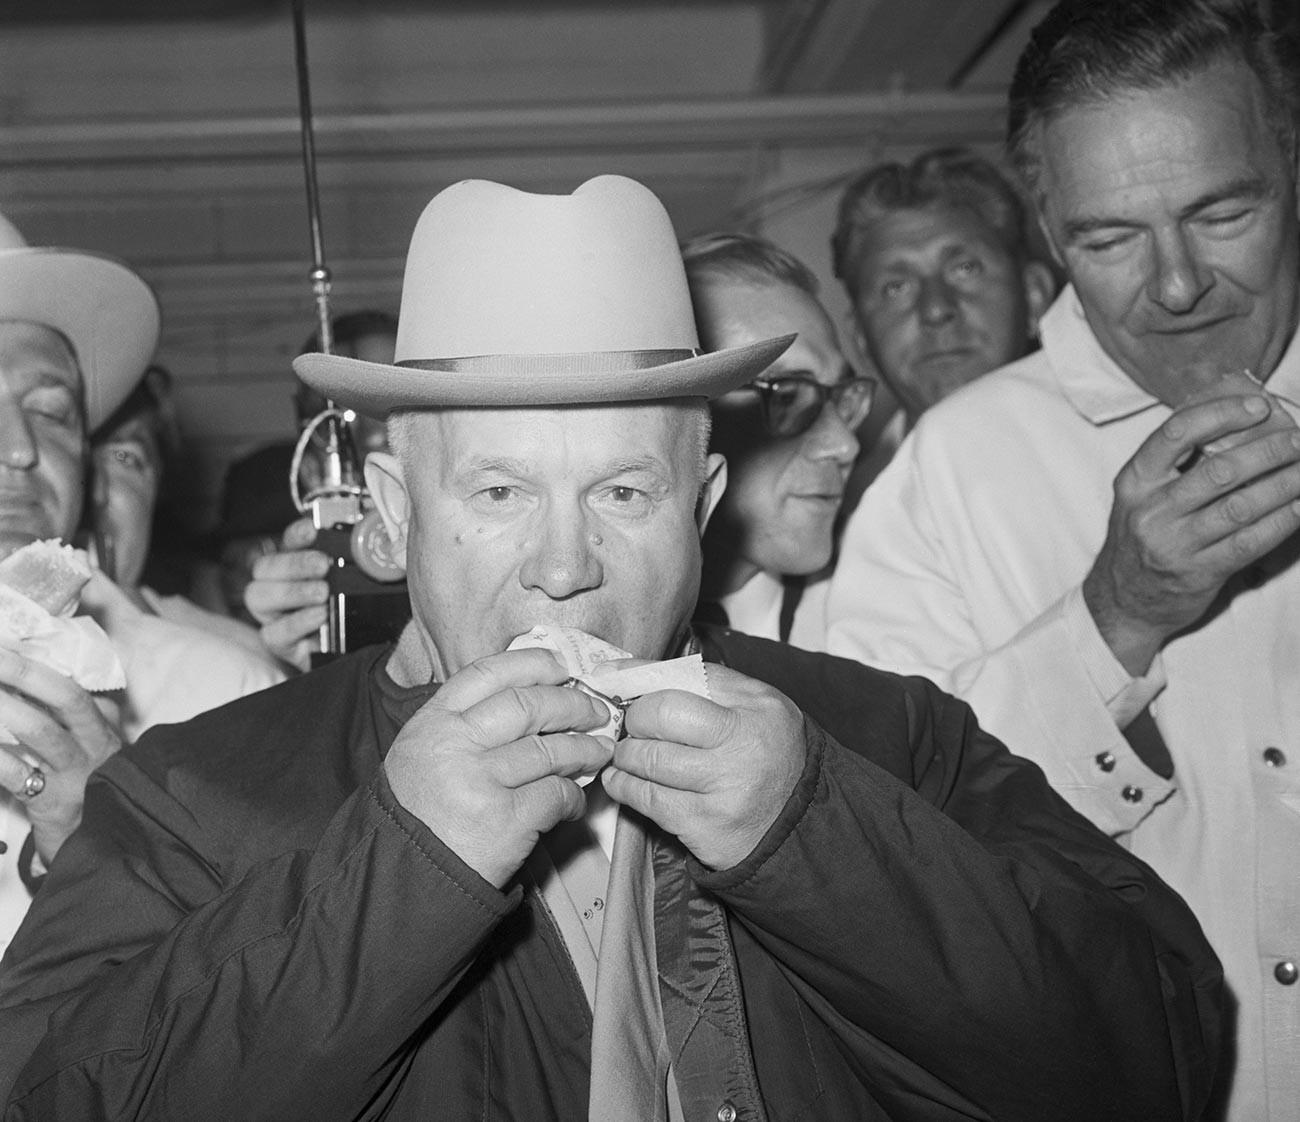 """Никита Хрушчов први пут проба амерички хот дог са сенфом. Када је појео све, питали су га шта мисли, а он је одговорио: """"ОК, одлично, изванредно"""", али је додао да порција није довољно велика."""